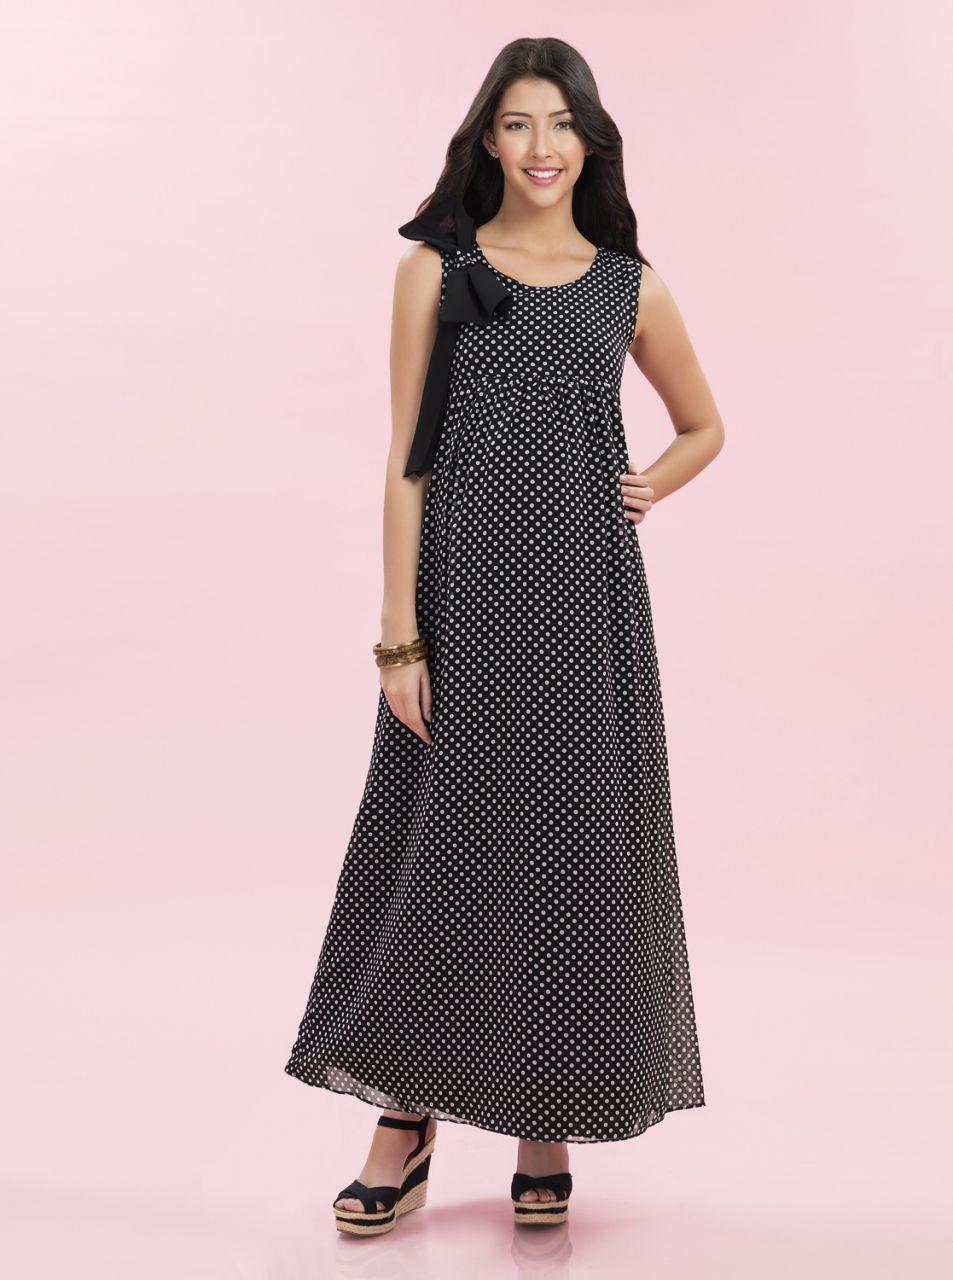 Hamile bayanlar için uzun elbiseler